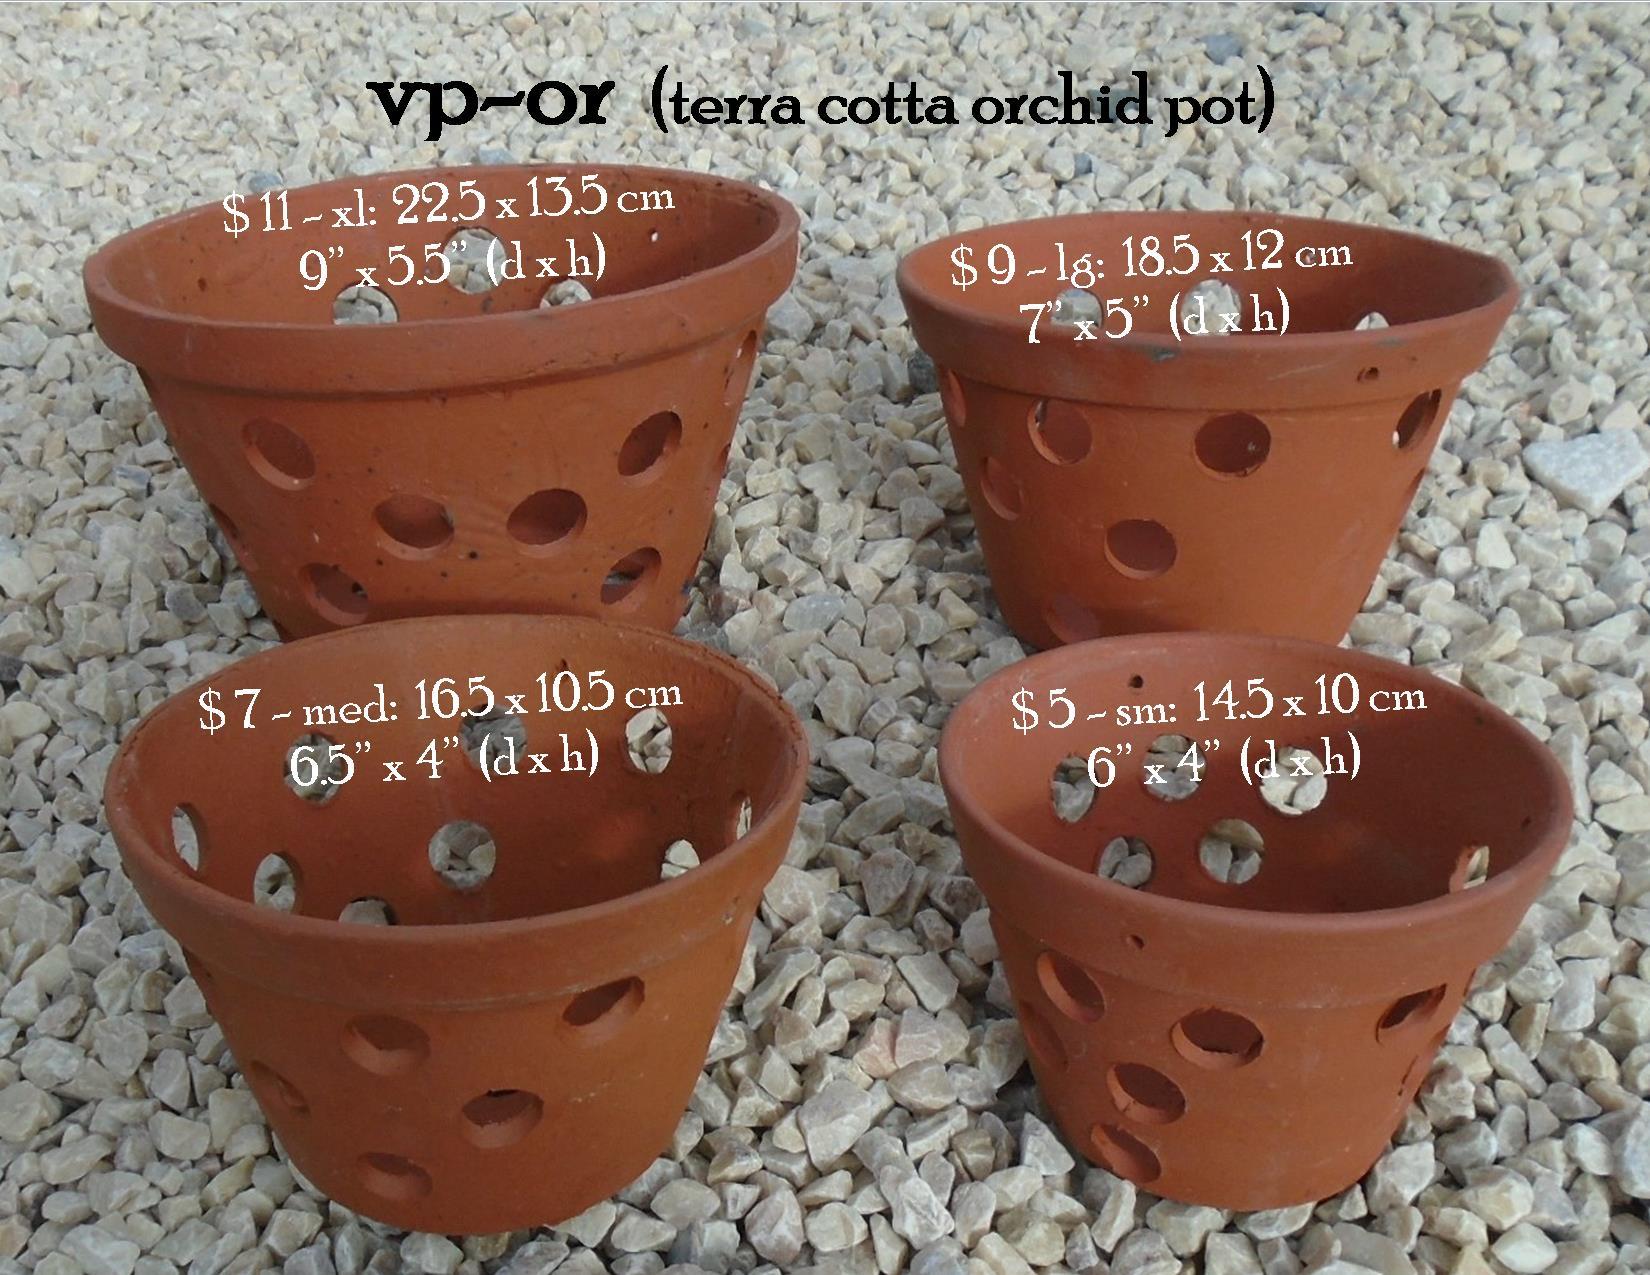 vp-or  (terra cotta orchid pot)